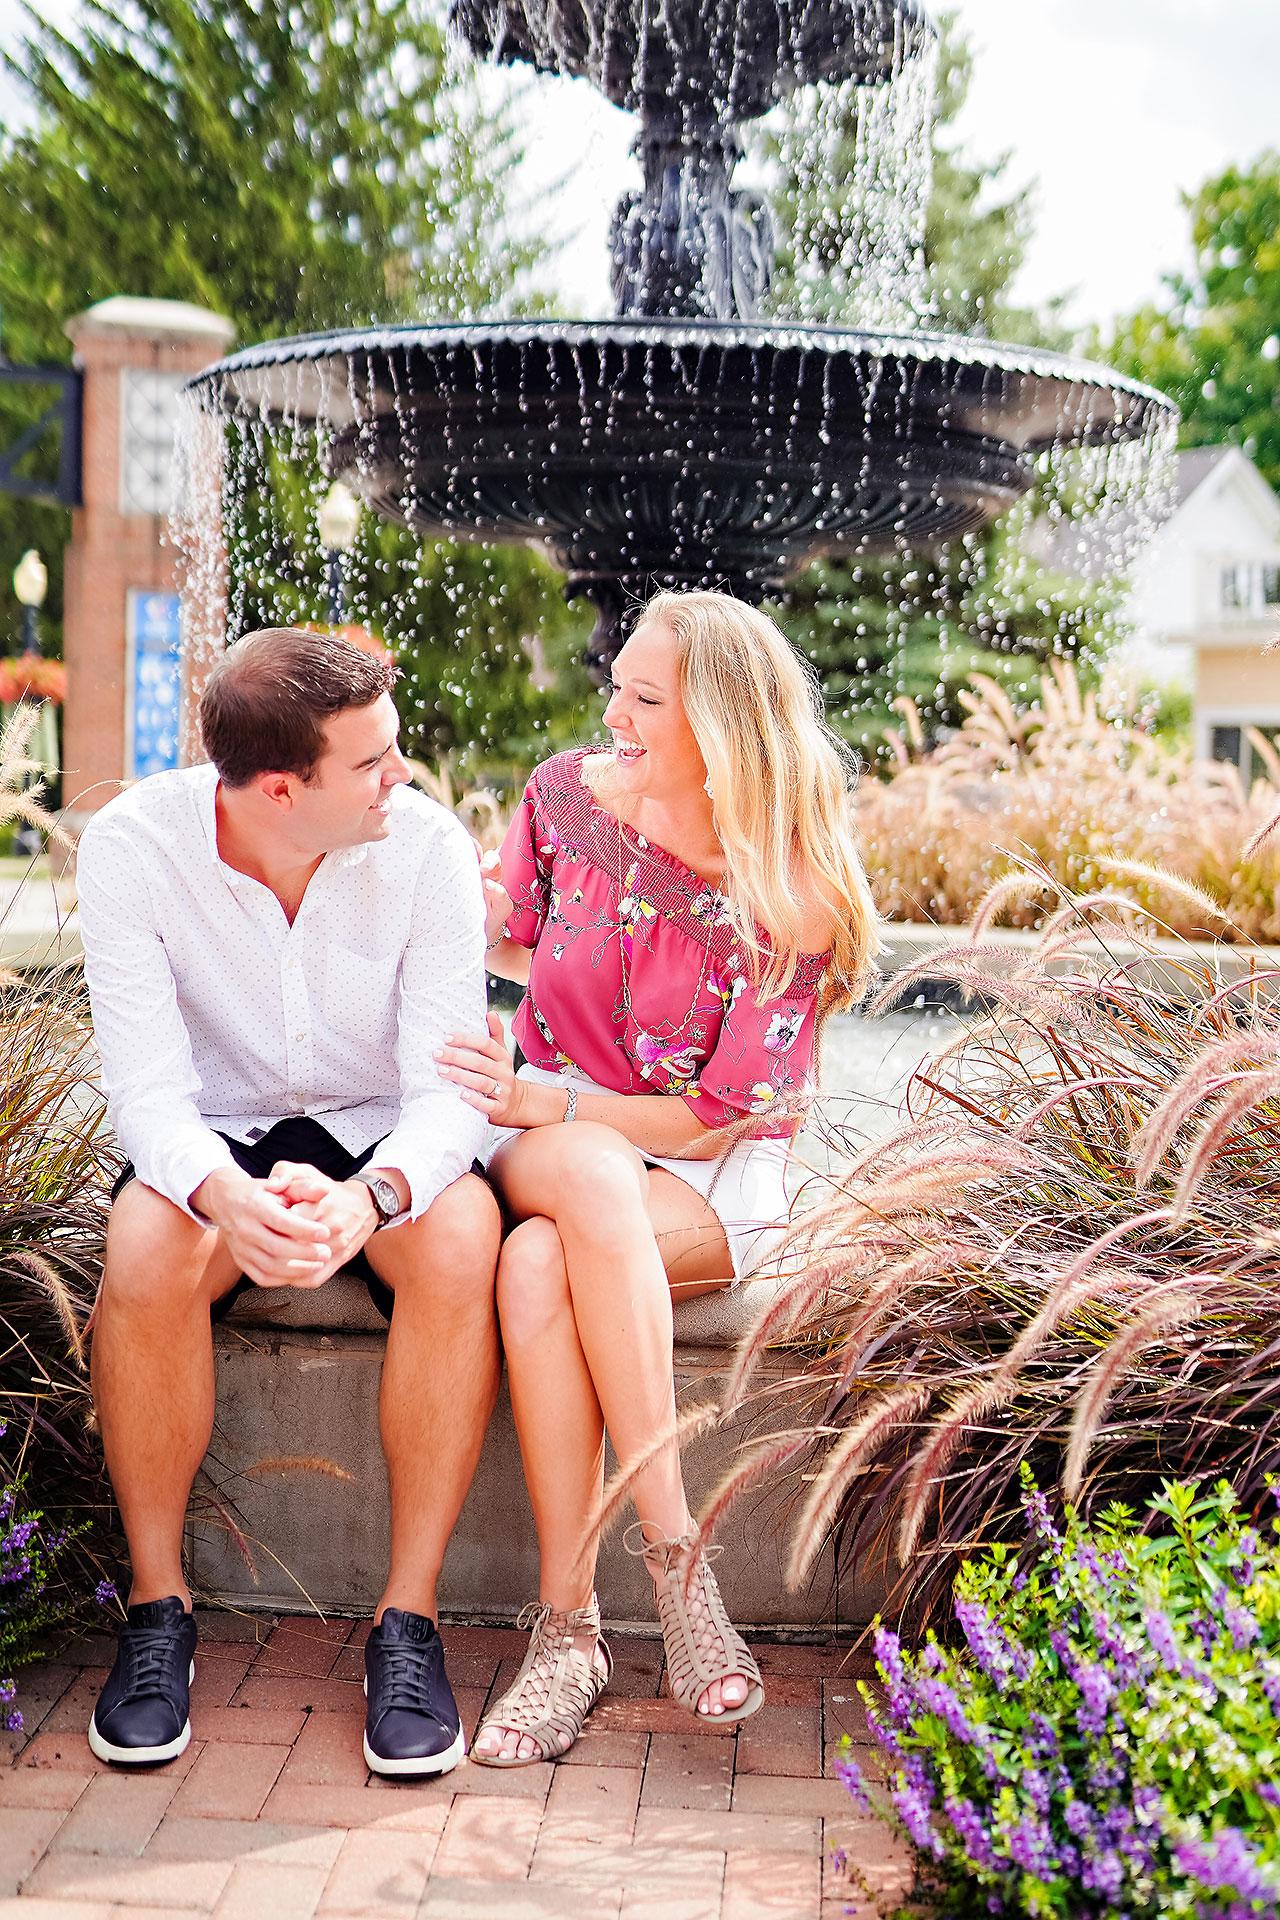 Liz Zach Midtown Carmel Engagement Session 028